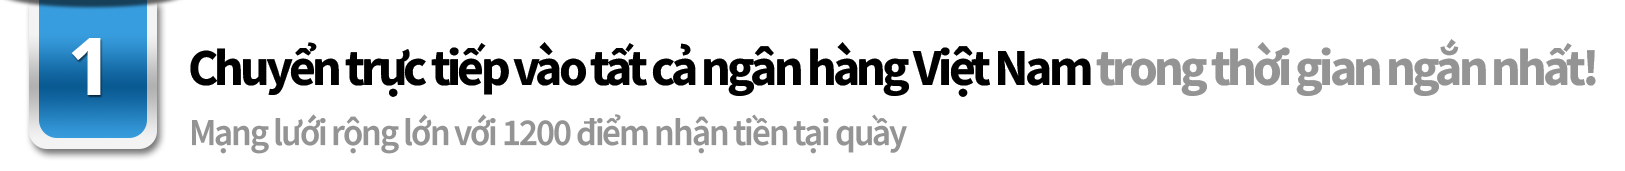 最短即時*でベトナム全銀行口座へ送金可能! キャッシュなら437店で受取可能な幅広いネットワーク